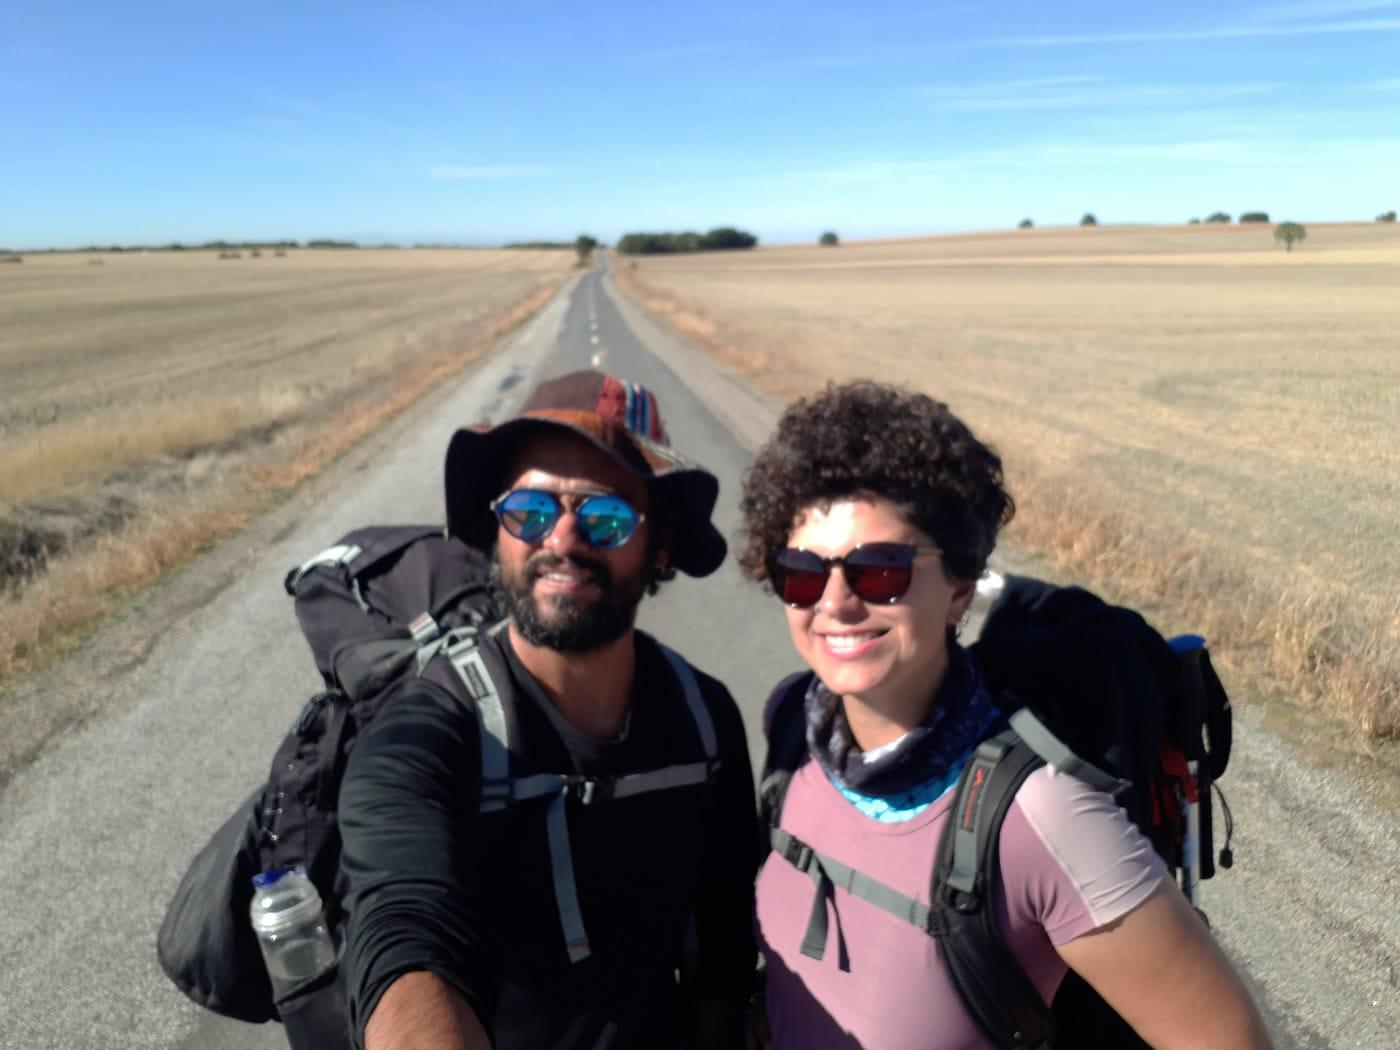 Viagem pelo Mundo, Viagem Longo Prazo, Mochileiros, Sabático, Peregrinação, Caminho de Santiago